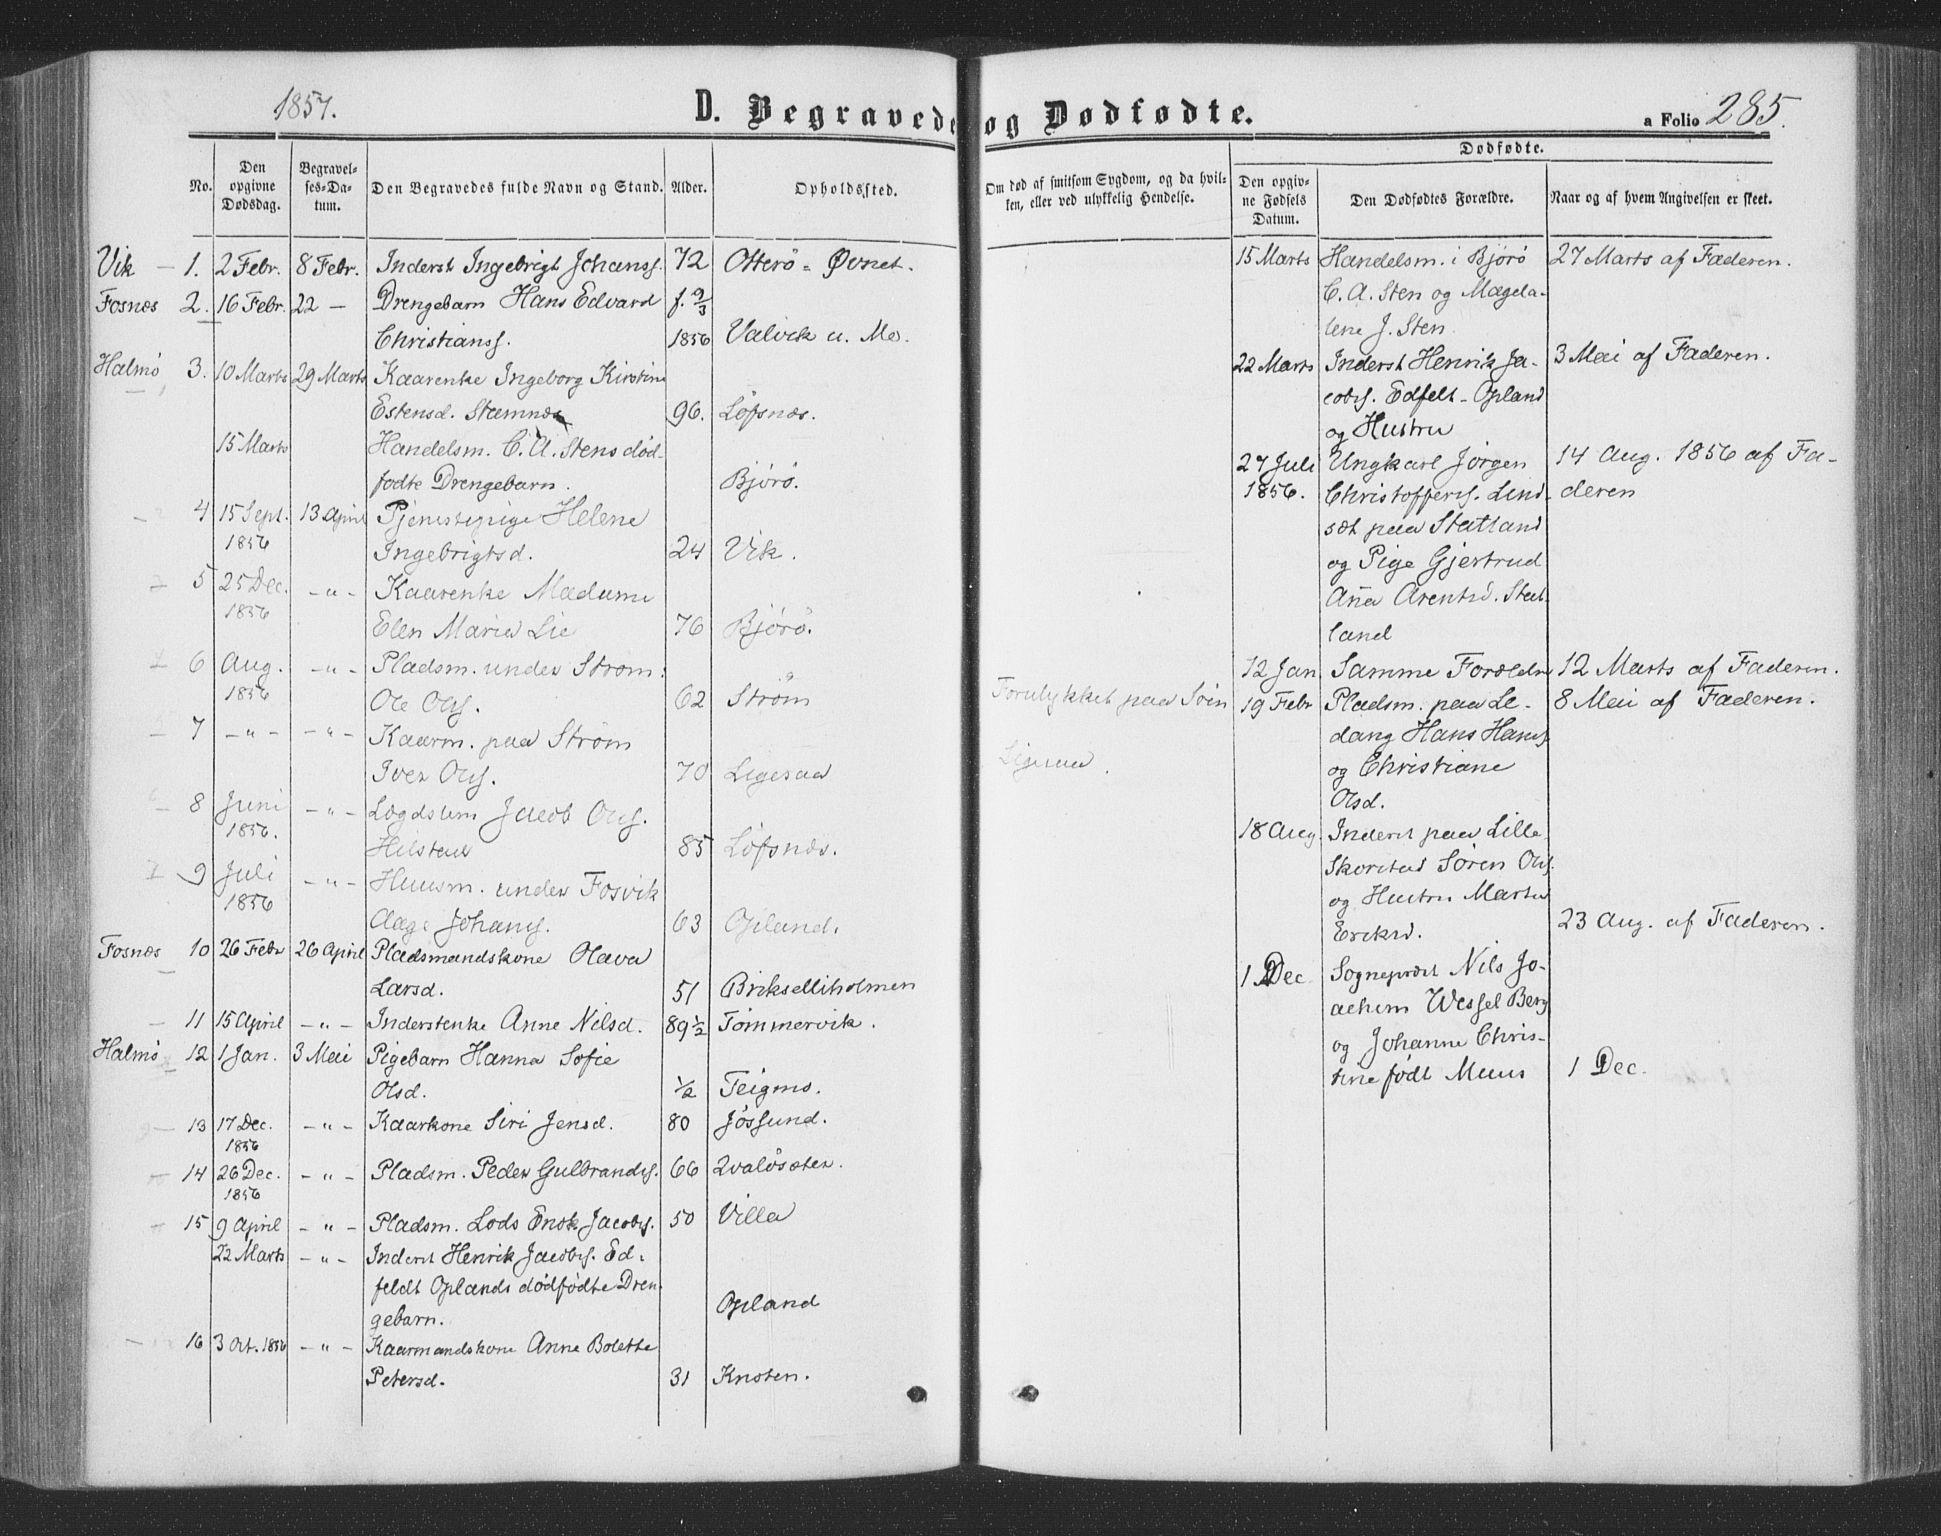 SAT, Ministerialprotokoller, klokkerbøker og fødselsregistre - Nord-Trøndelag, 773/L0615: Ministerialbok nr. 773A06, 1857-1870, s. 285